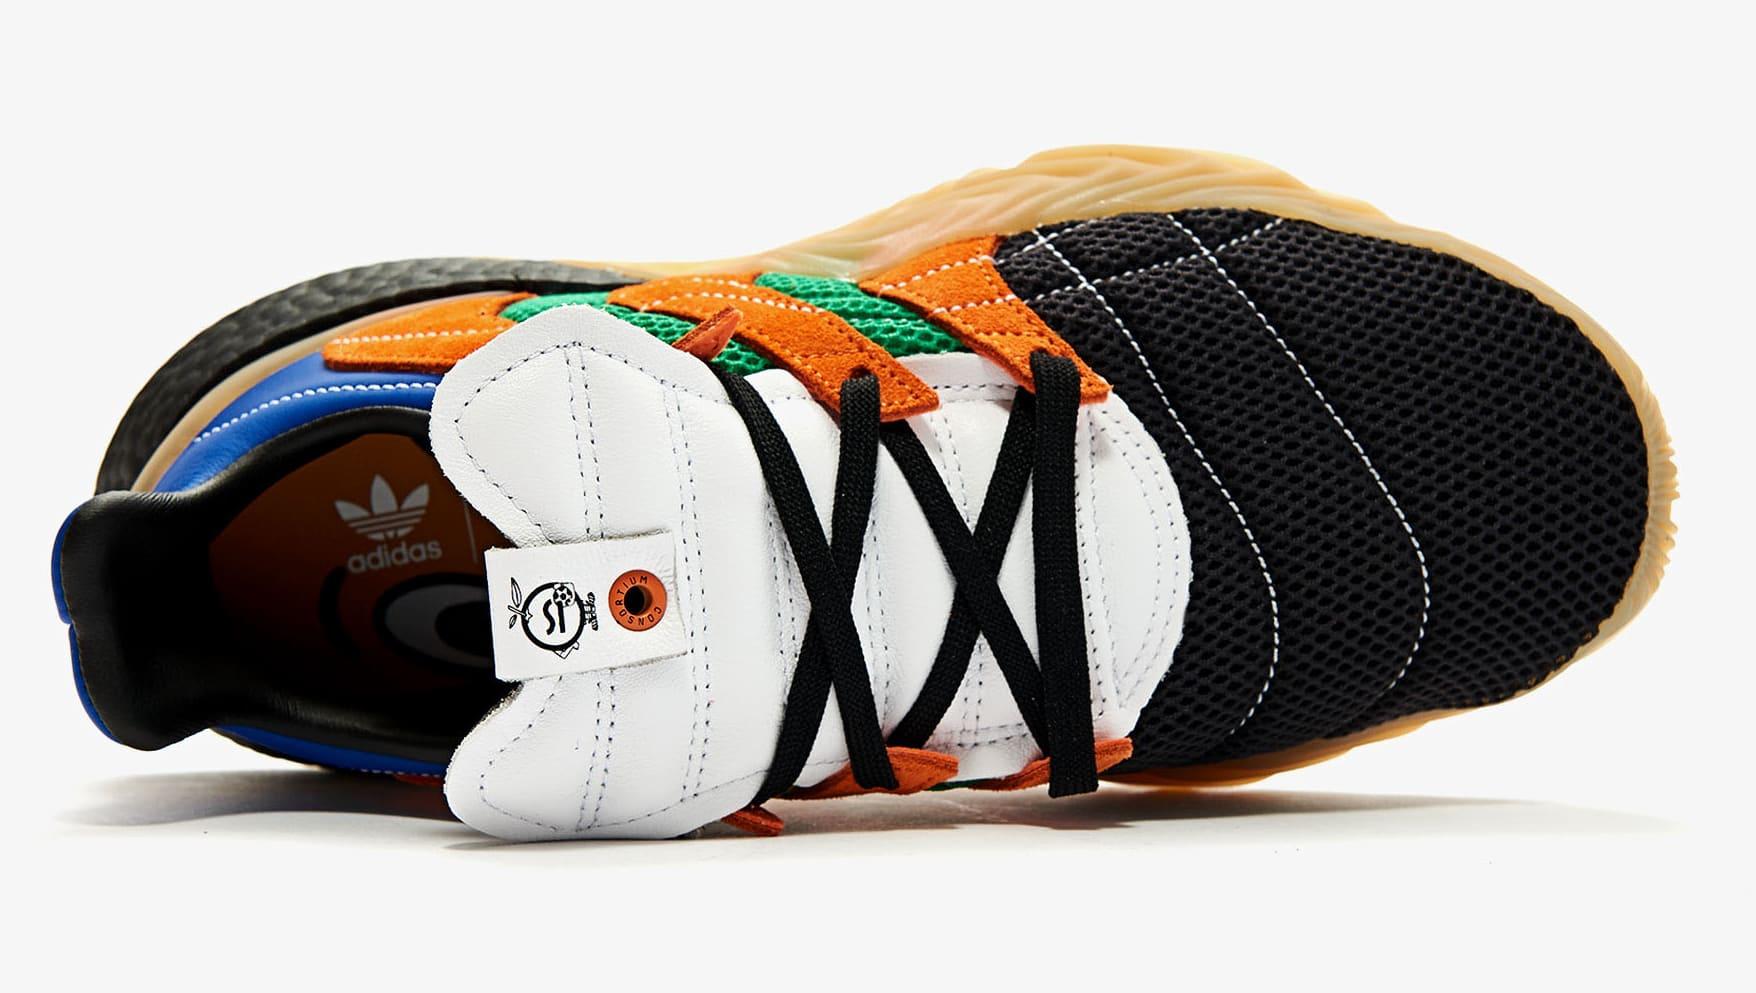 SVD x Adidas Sobakov Boost G26821 (Top)